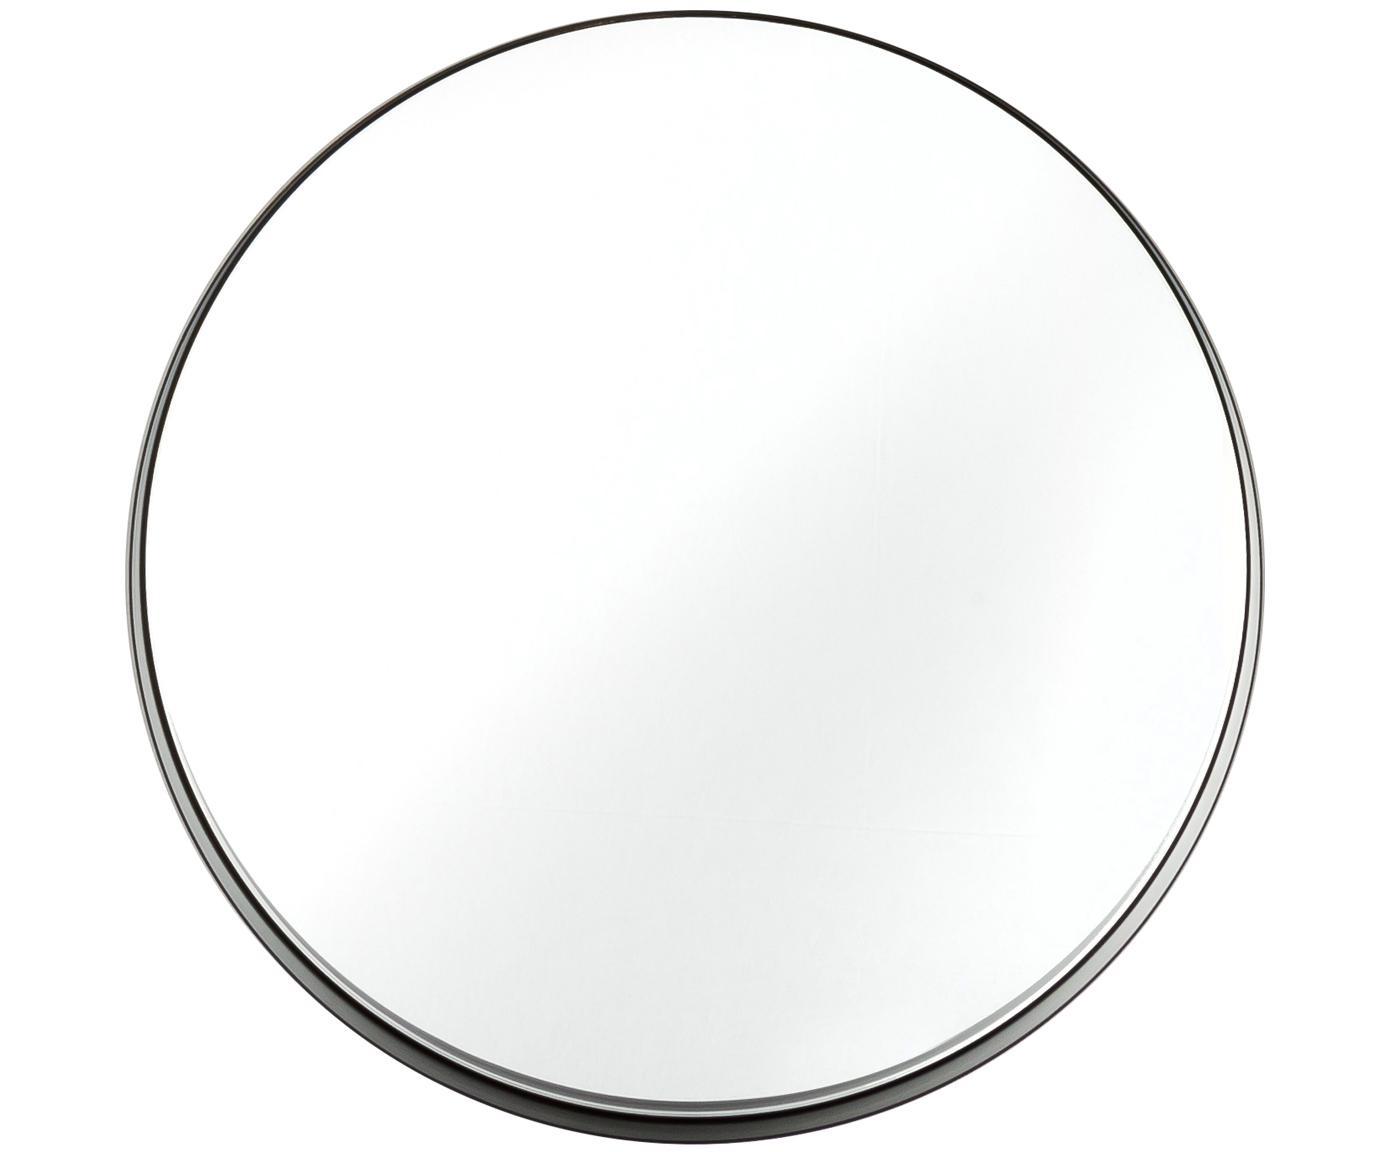 Lustro ścienne Metal, Rama: czarny Szkło lustrzane, Ø 43 cm